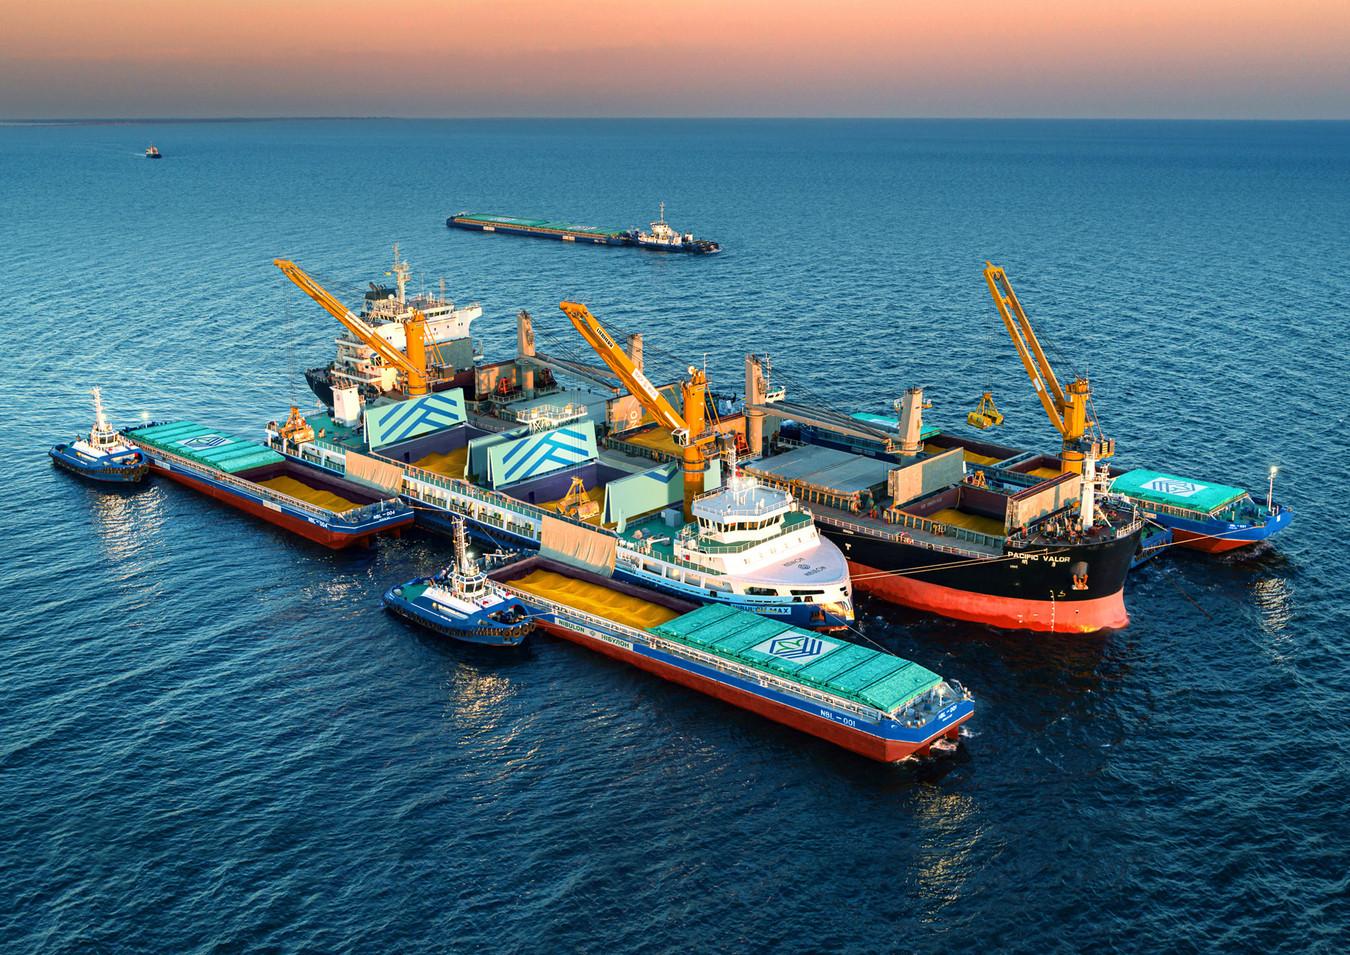 Самохідний плавкран «Нібулону» перевантажив на експорт 3,5 млн тонн сільгосппродукції